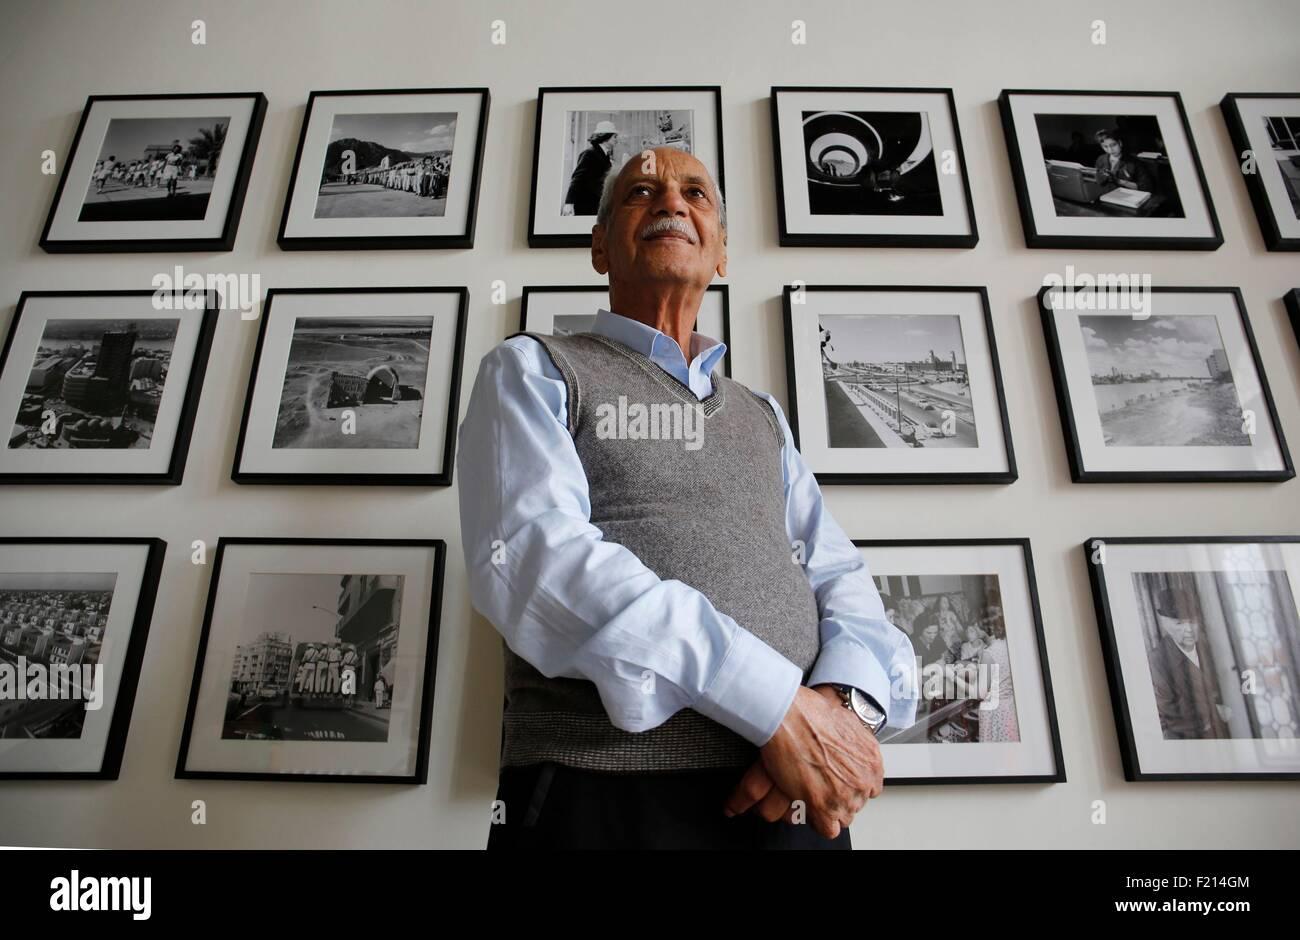 Italia, Venecia, exposiciones de arte durante la Bienal de 2015, Irak Pavilionin Ca'Dandolo palace la belleza invisible,imágenes por el fotógrafo Latif Al-Asni Foto de stock